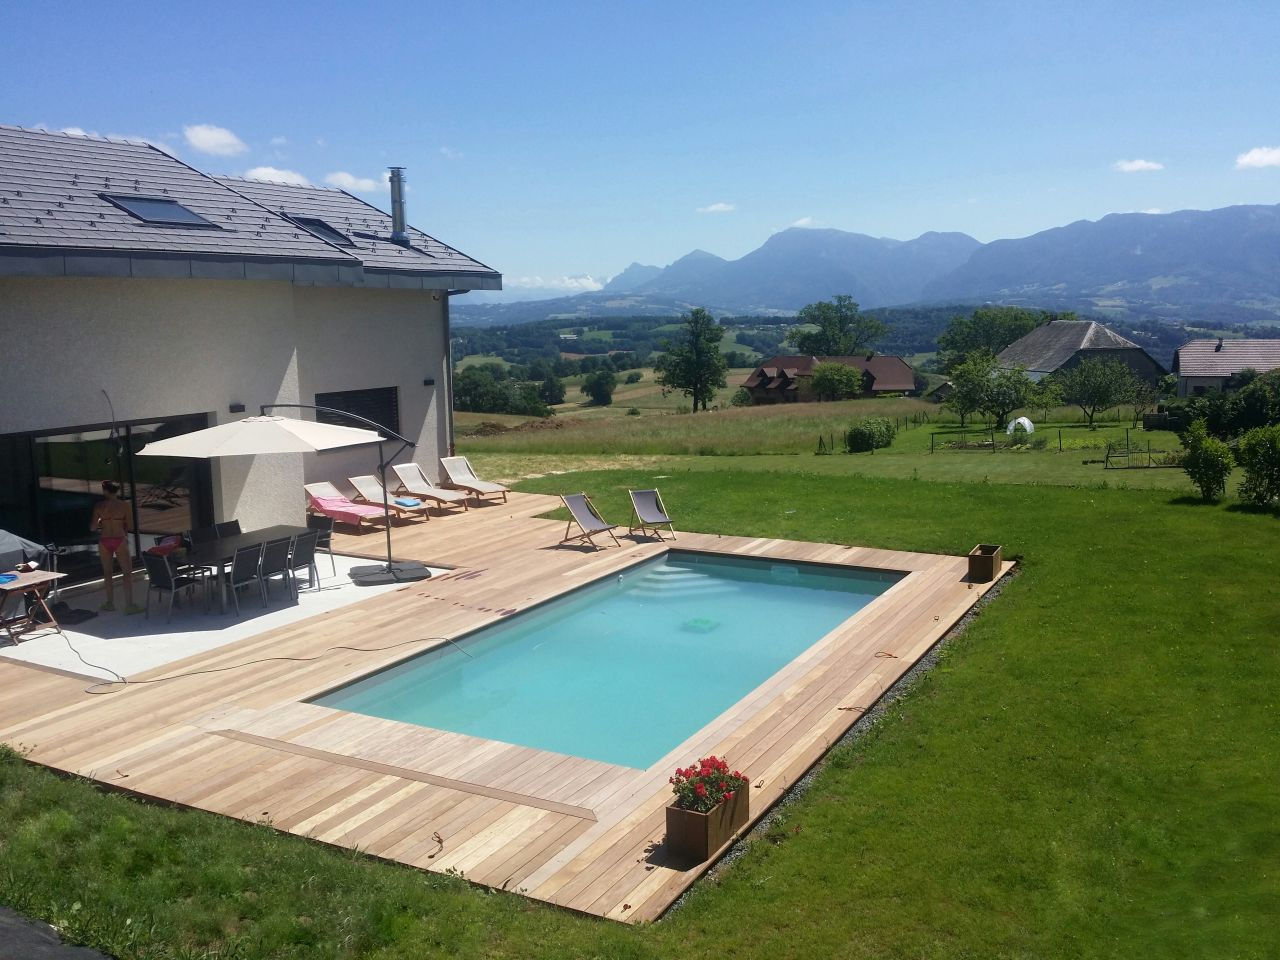 Déco générale du jardin - Haute Savoie (74) - juillet 2016 - Photo #1410176 par Jaijai74